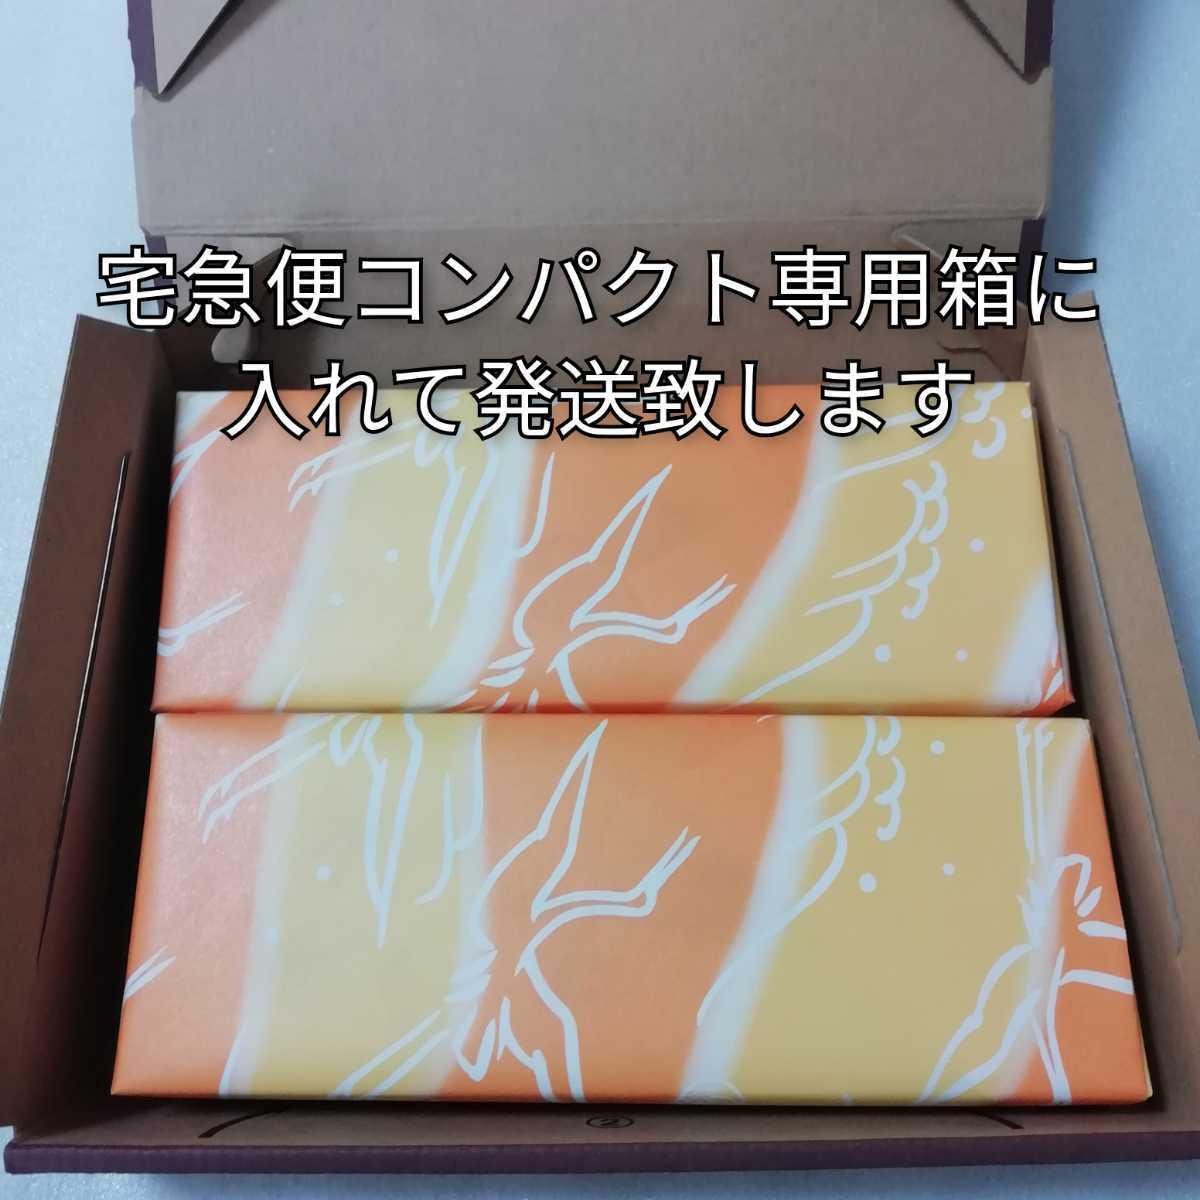 鶴屋吉信 柚餅 2箱セット 和菓子 お菓子_画像6